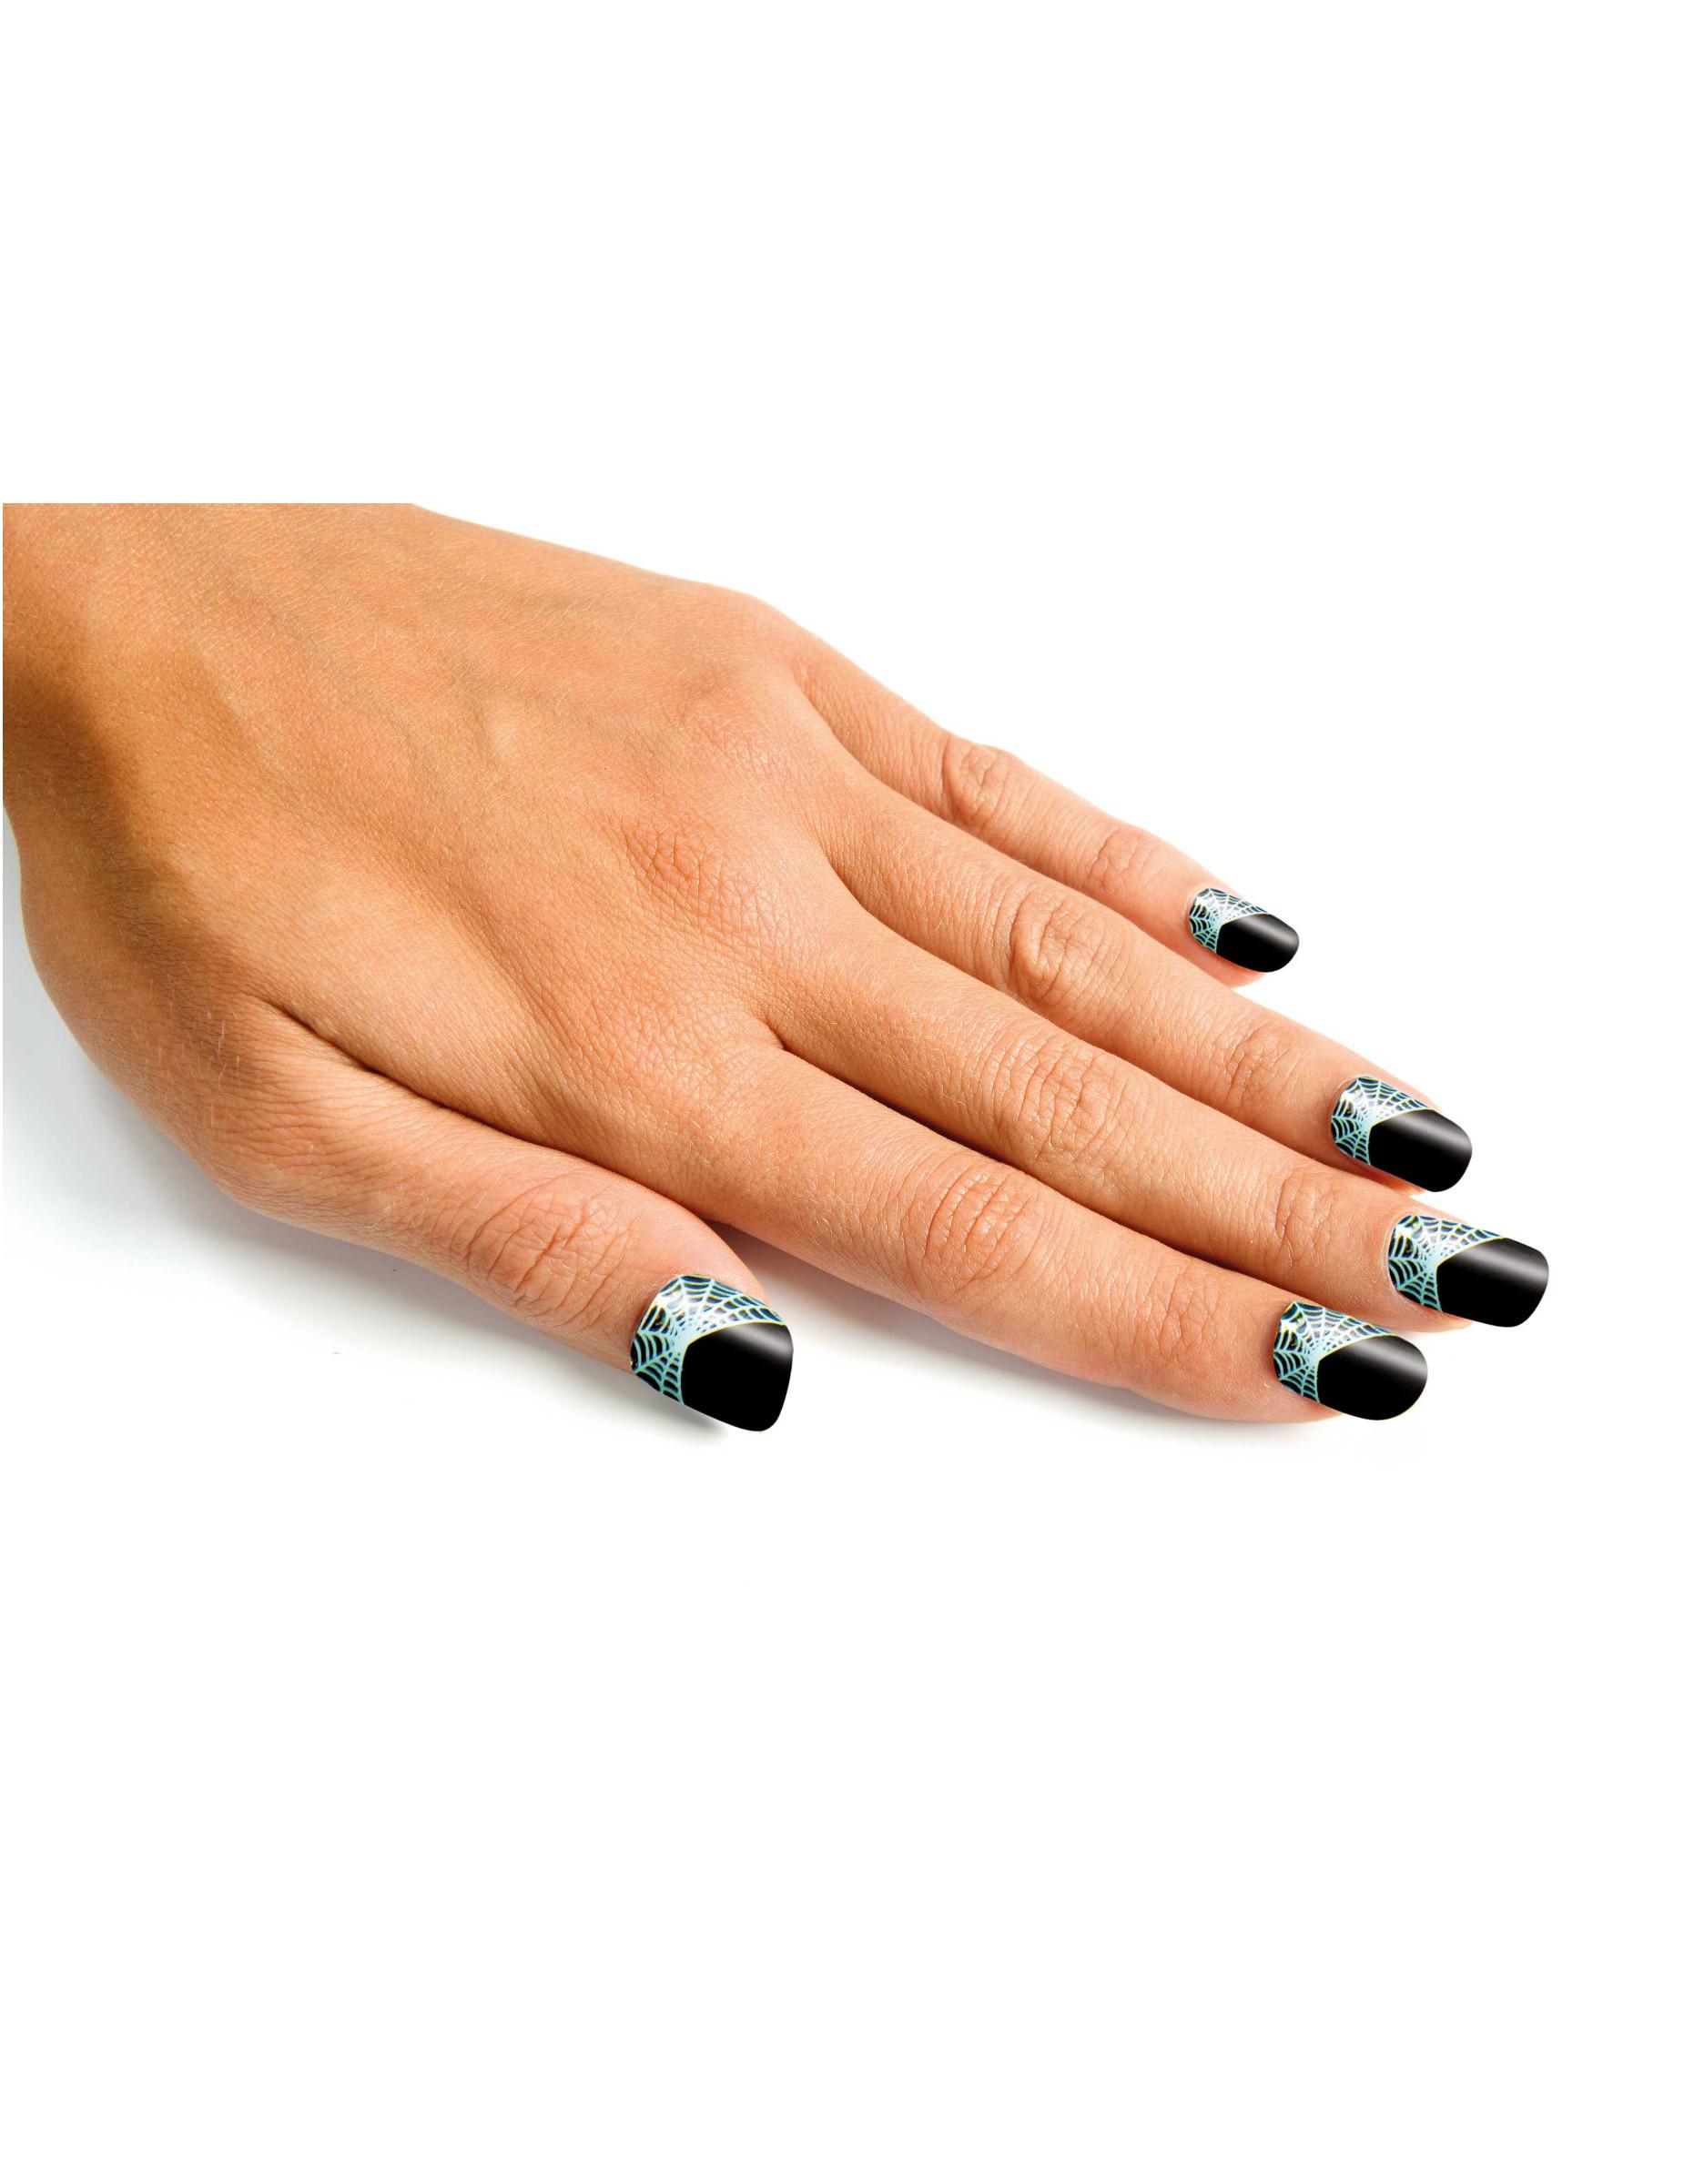 Spinnennetz-Nägel Hexen-Fingernägel 24 Stück schwarz , günstige ...